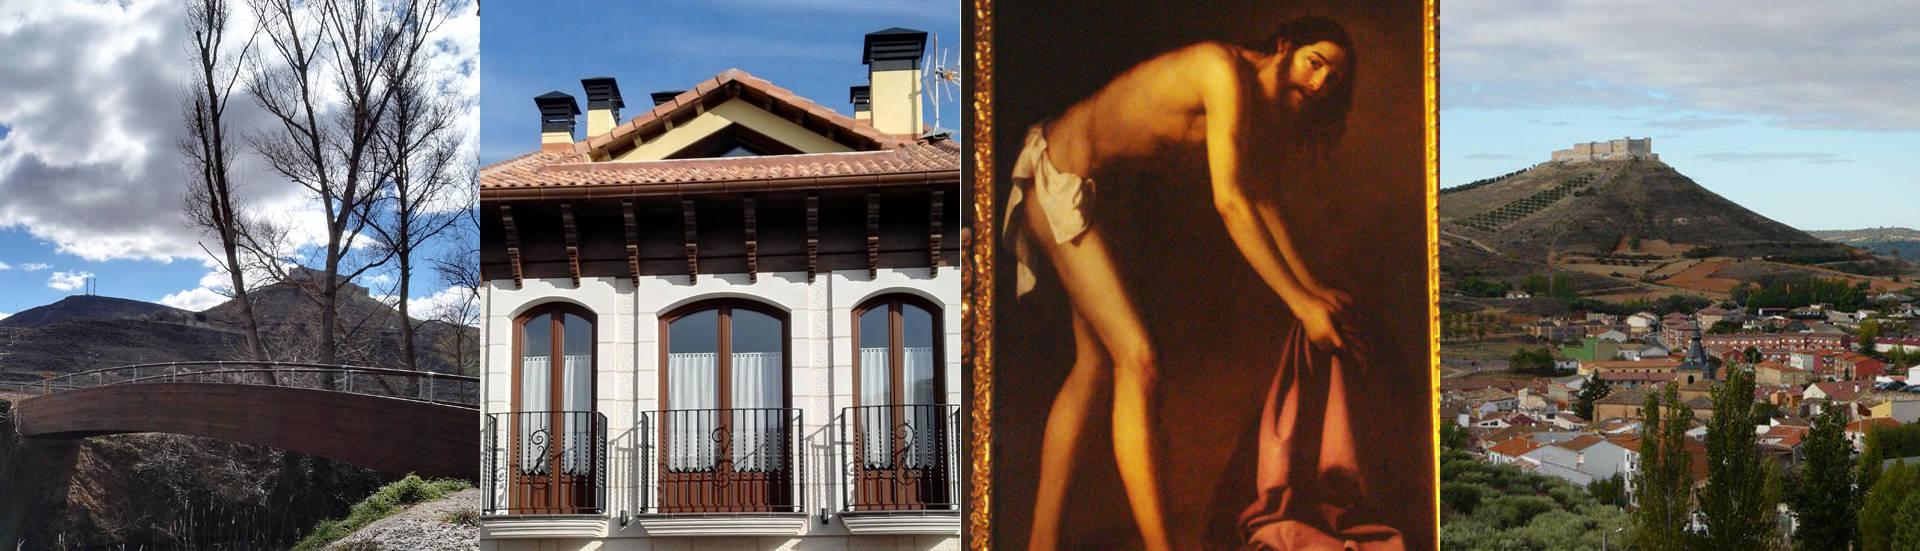 Casa de Yolanda Hoteles